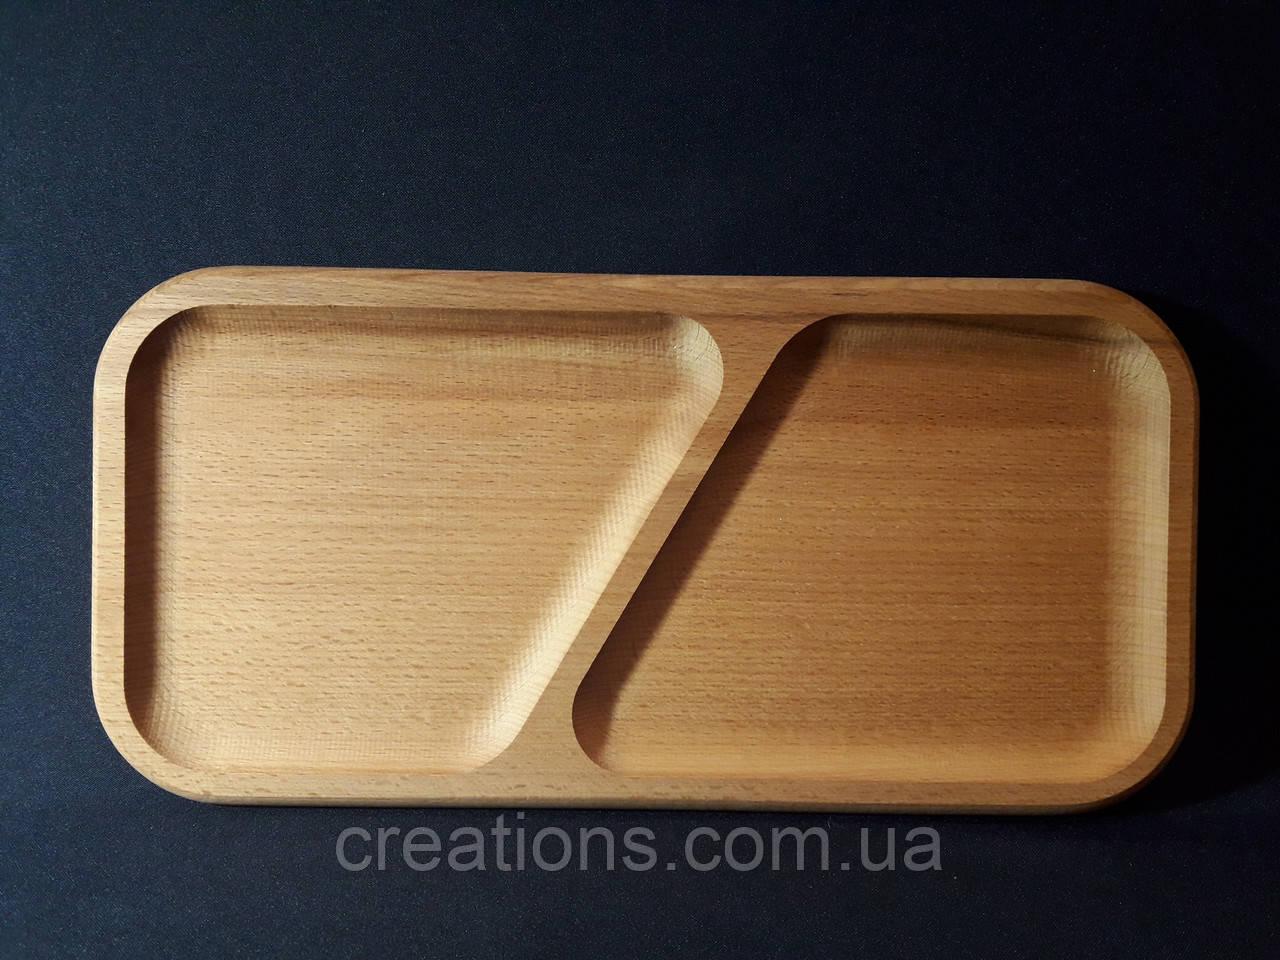 Менажница деревянная 37х18 см. прямоугольная на 2 секции из бука БМ-23